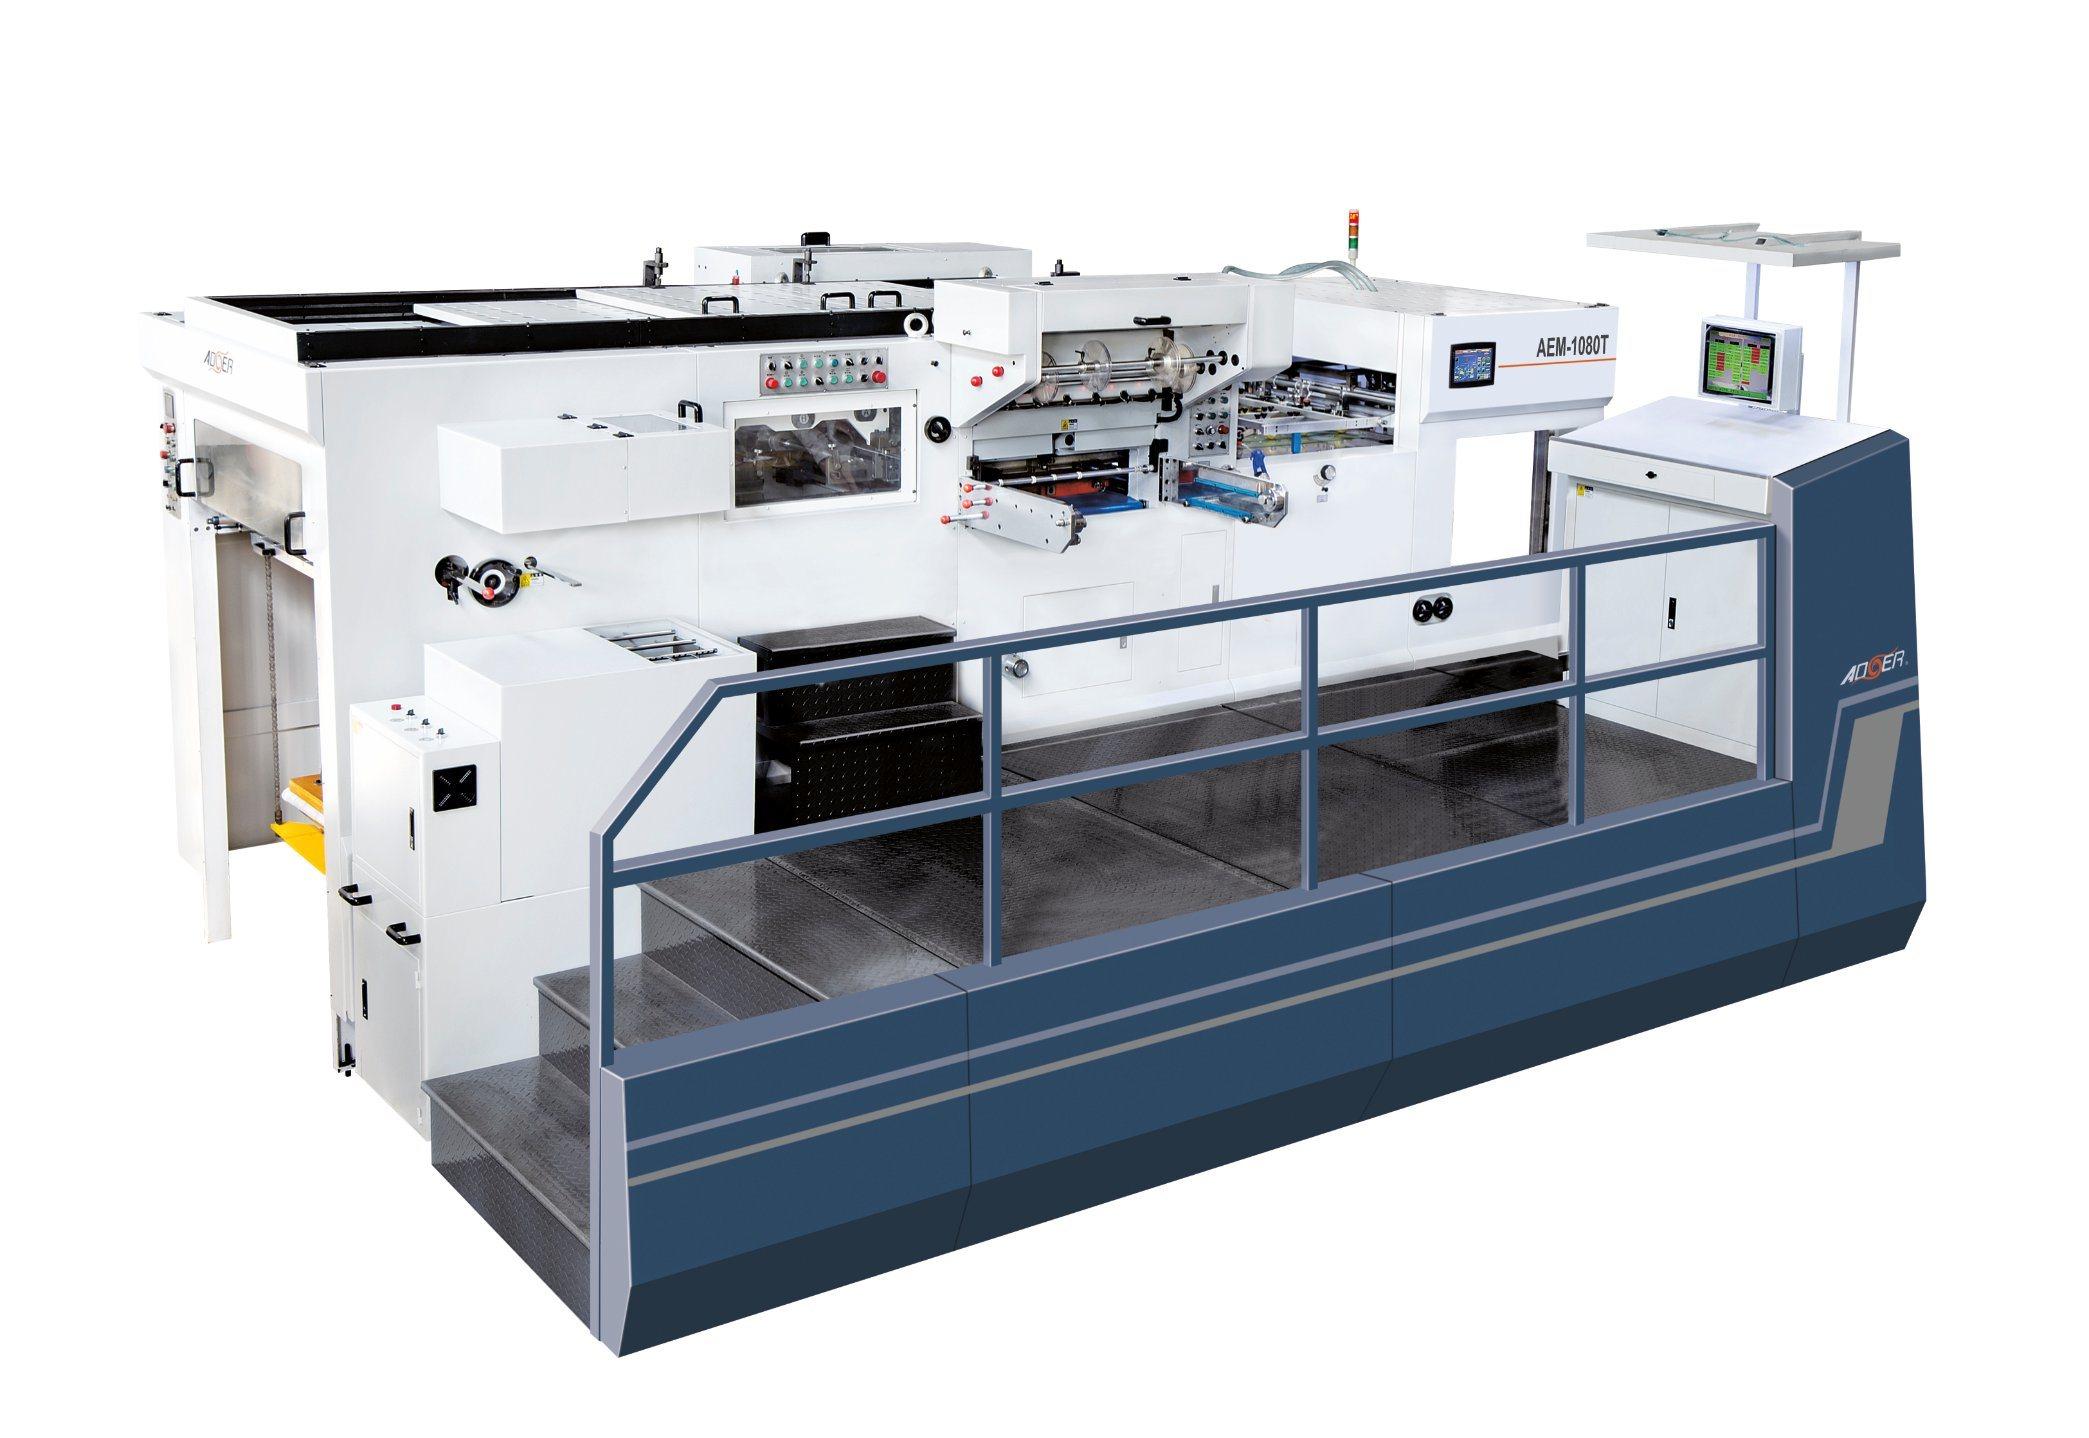 AEM-1080t Automatic Hot Stamping & Die Cutting Machine